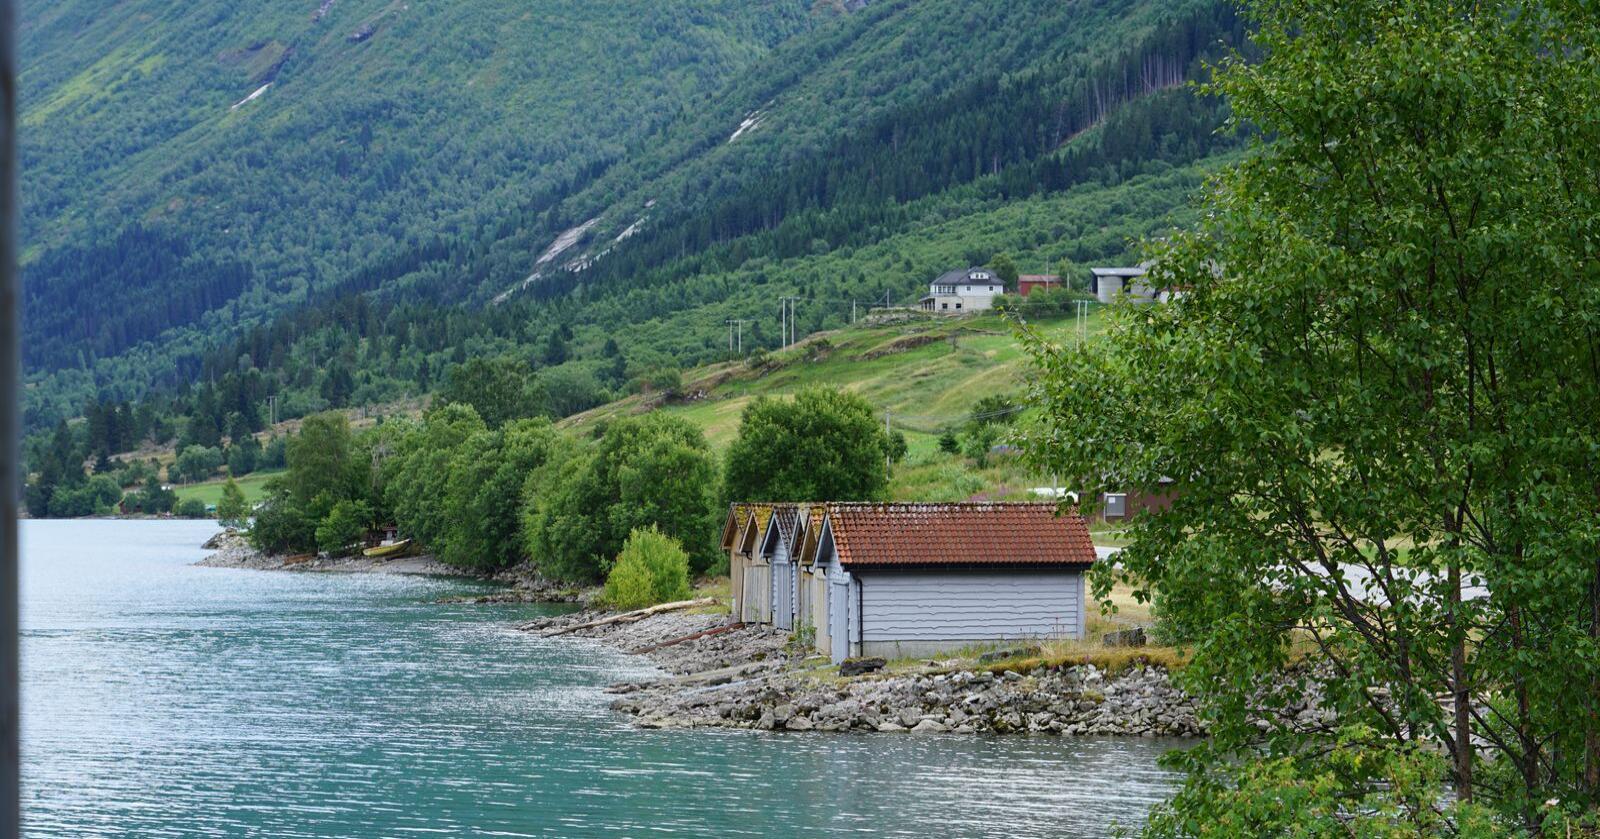 Den siste viking: Mange grendelandskap holdes i hevd av én bonde. Foto: Janne Grete Aspen